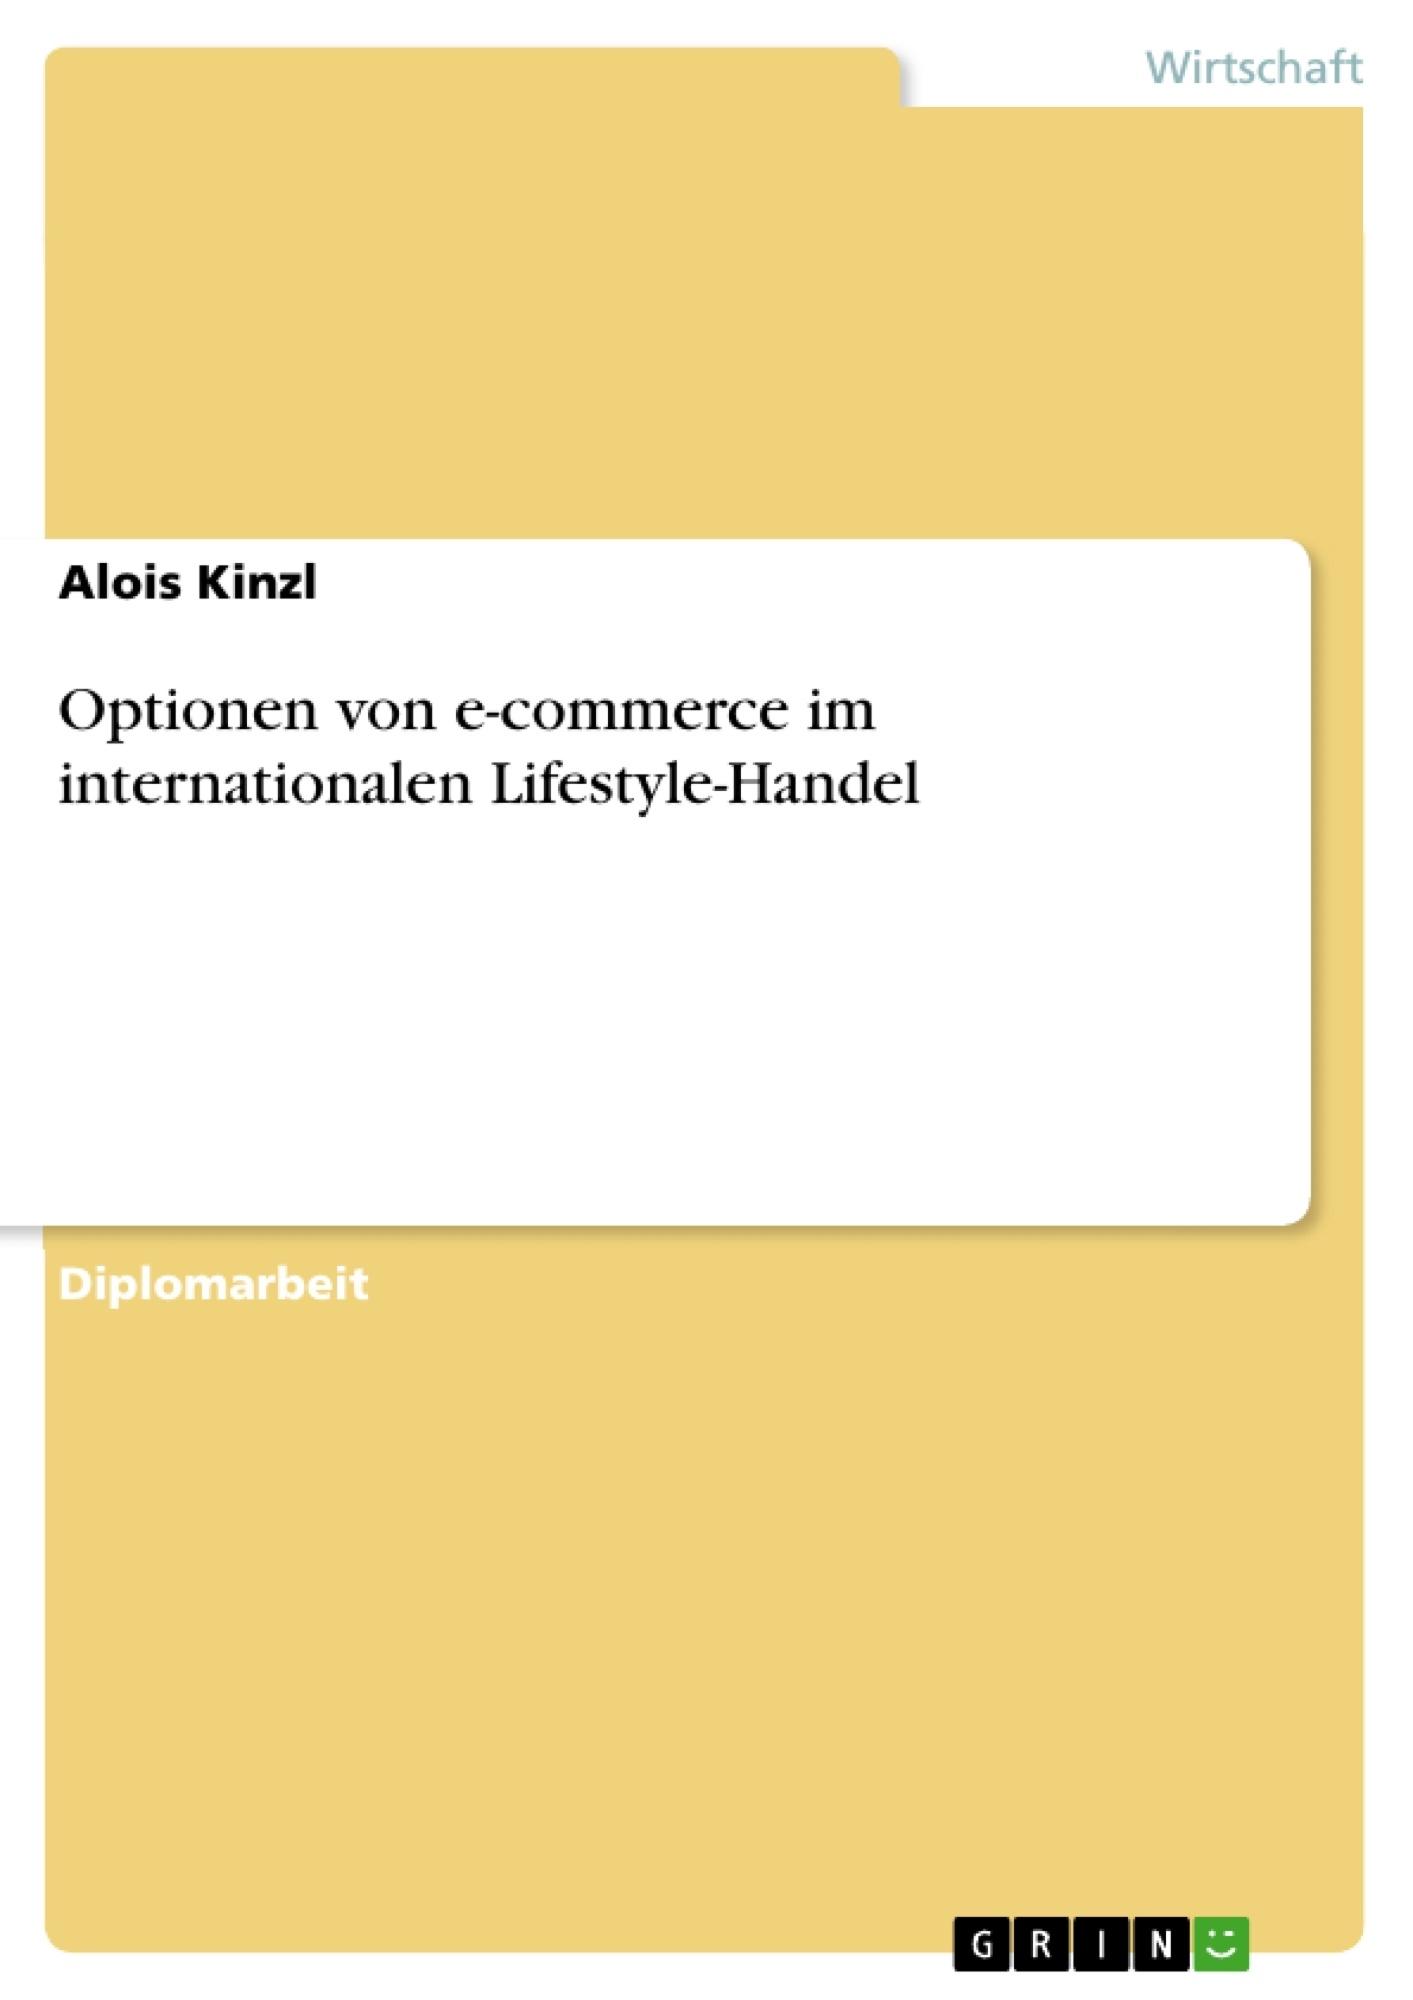 Titel: Optionen von e-commerce im internationalen Lifestyle-Handel